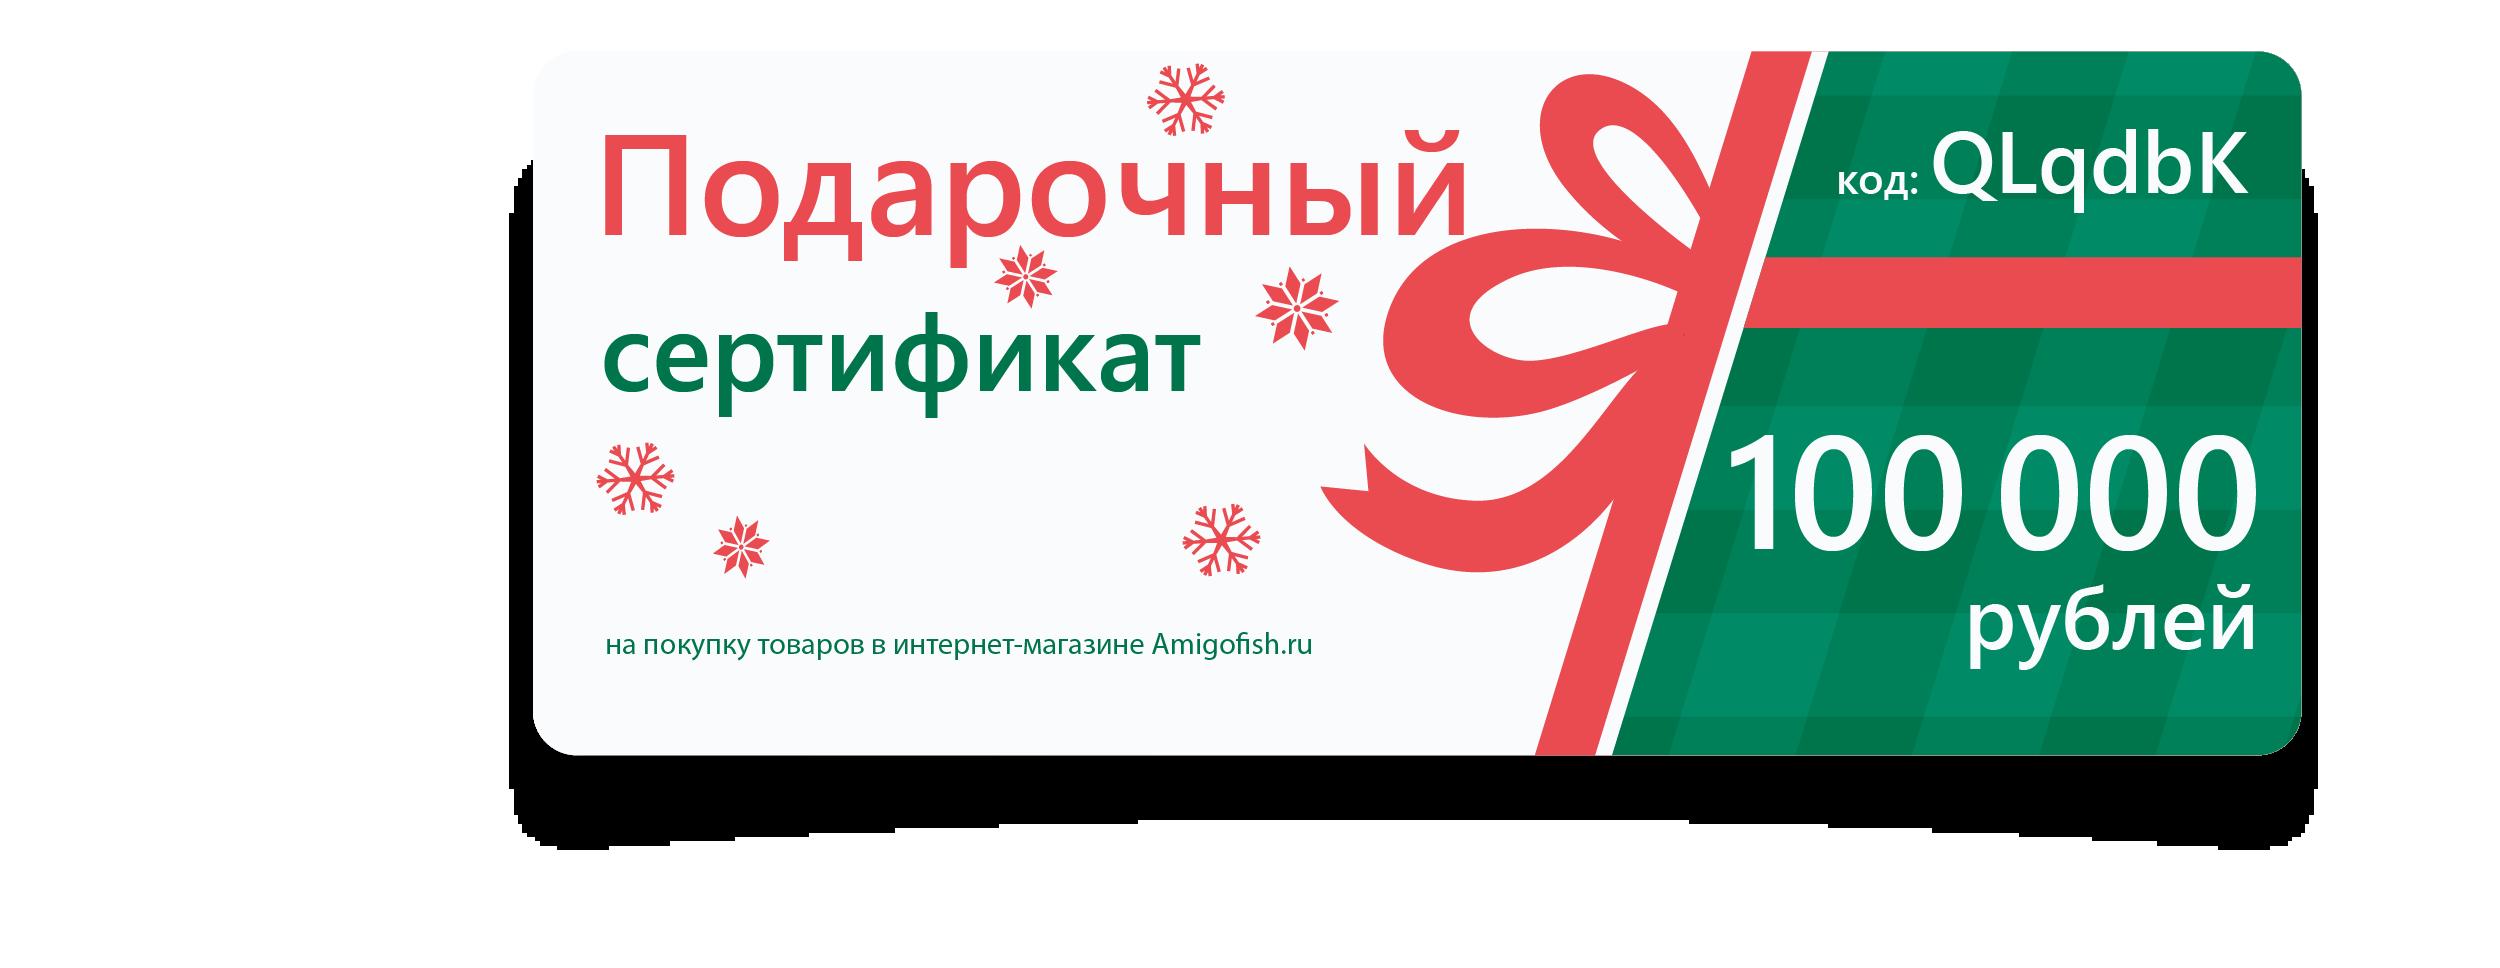 Подарочный сертификат на 100000 руб.